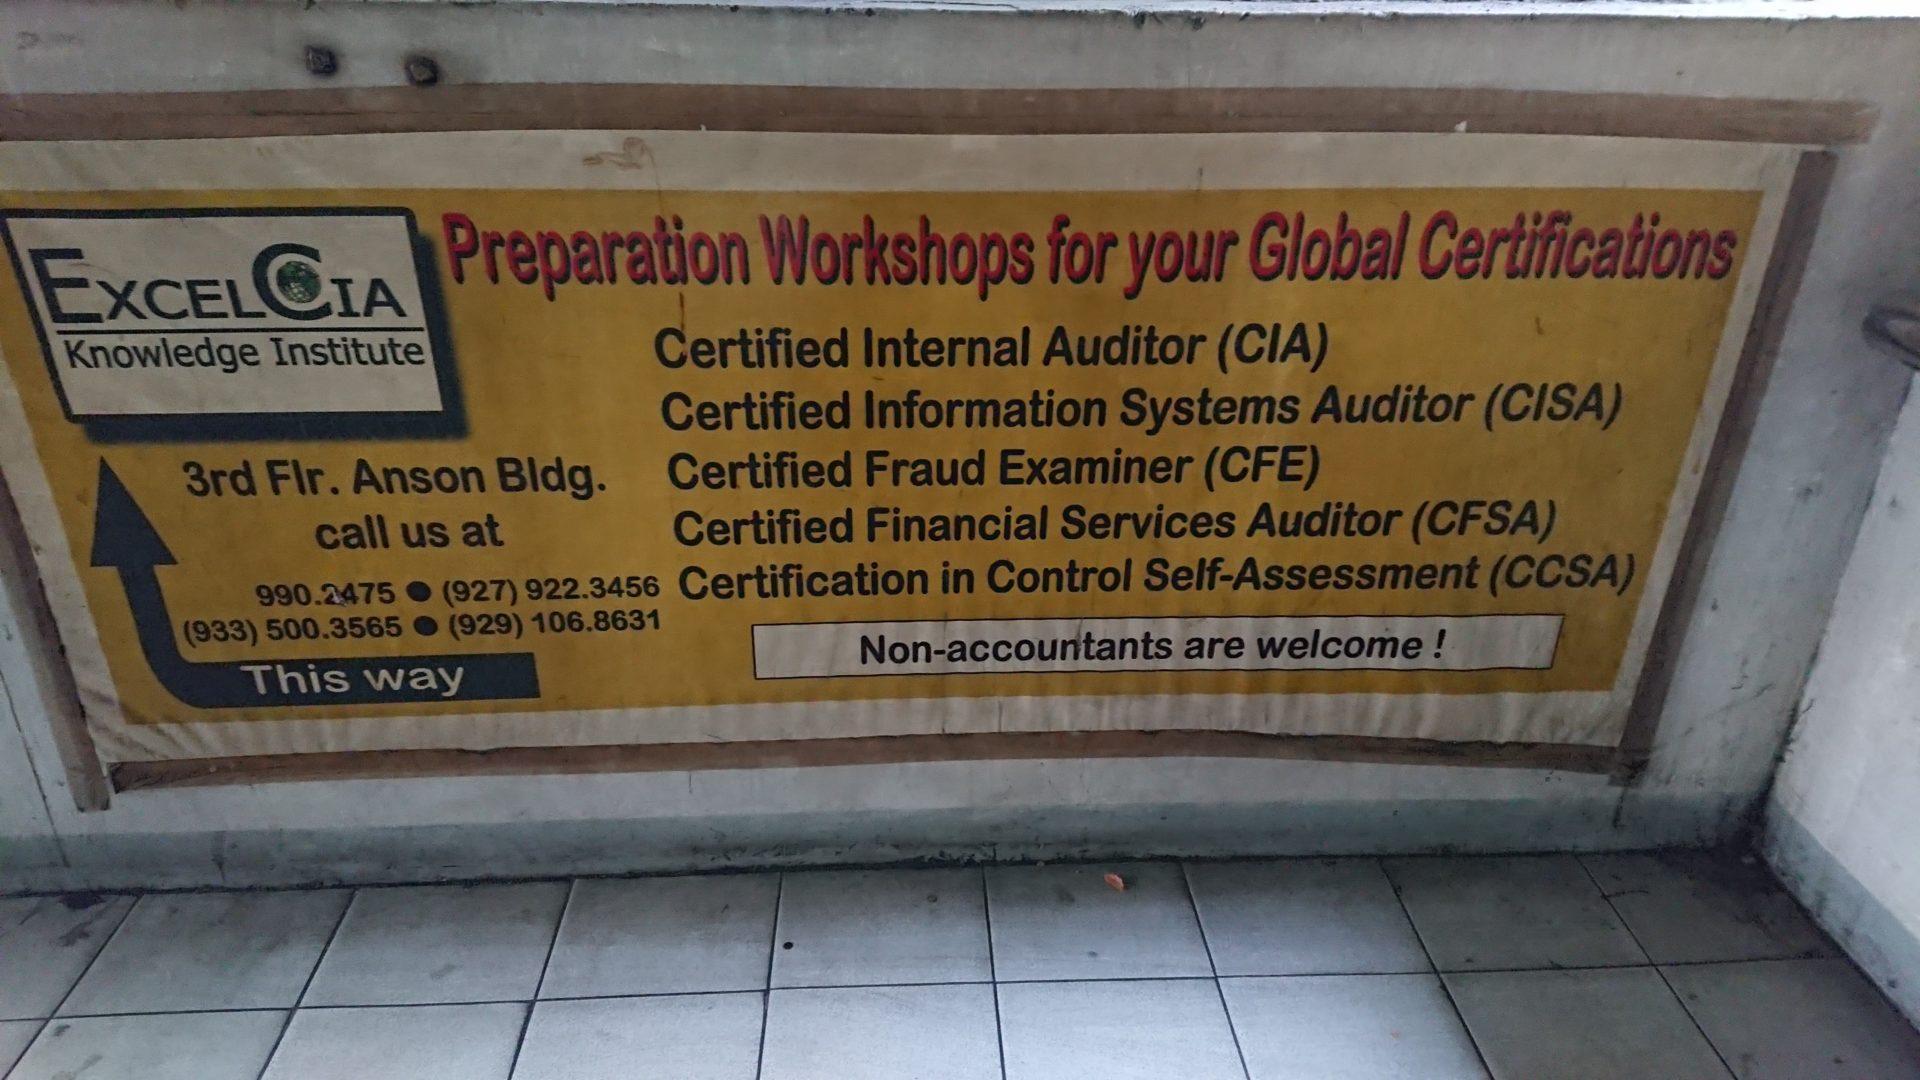 Werbung für weltweite Zertifikate für Fachpersonal in Manila © Mirjam Overhoff